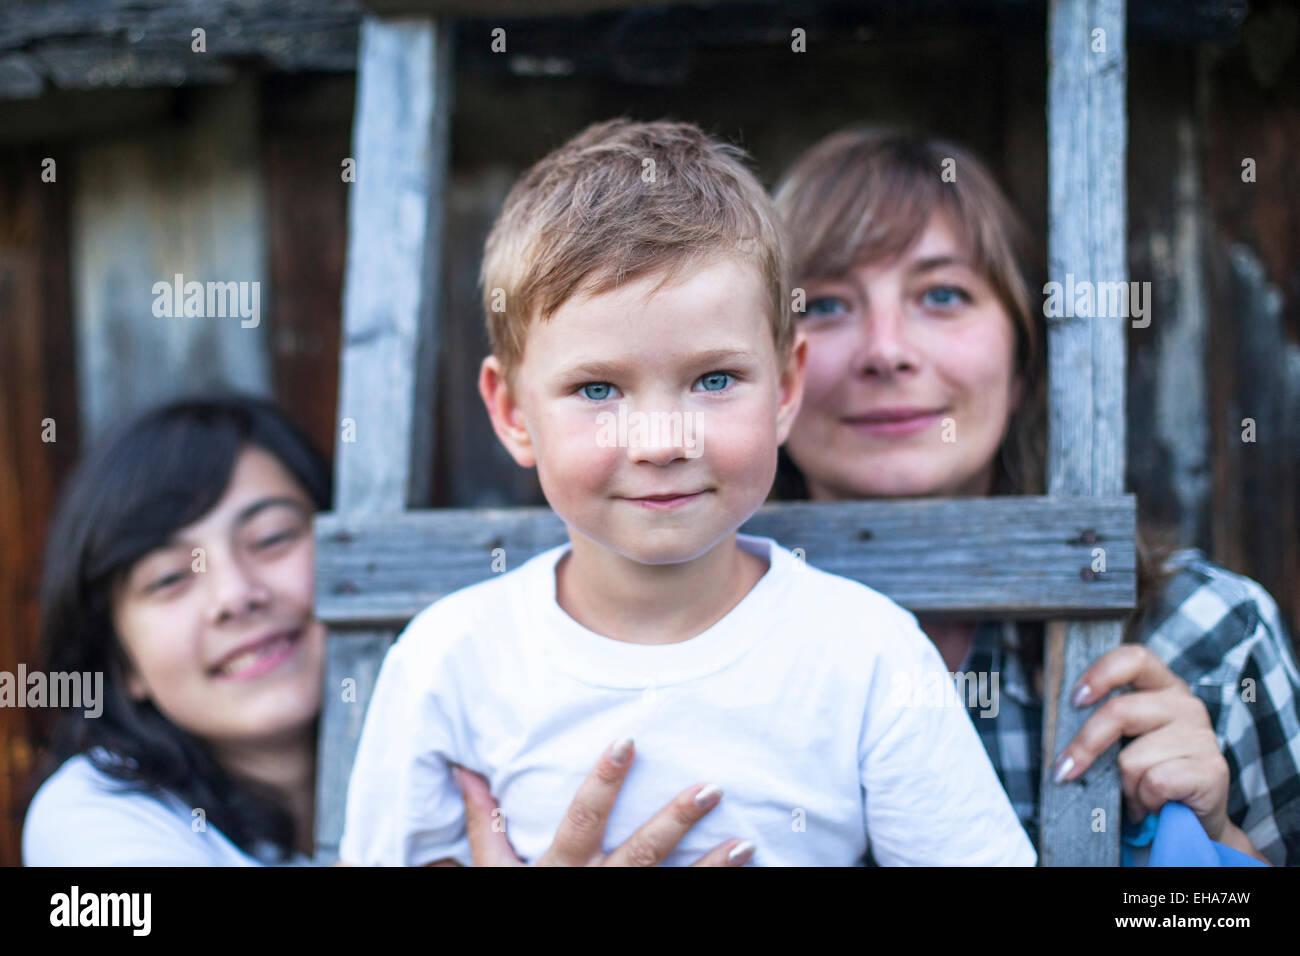 En plein air de famille heureuse, un petit garçon dans l'avant-plan. Photo Stock